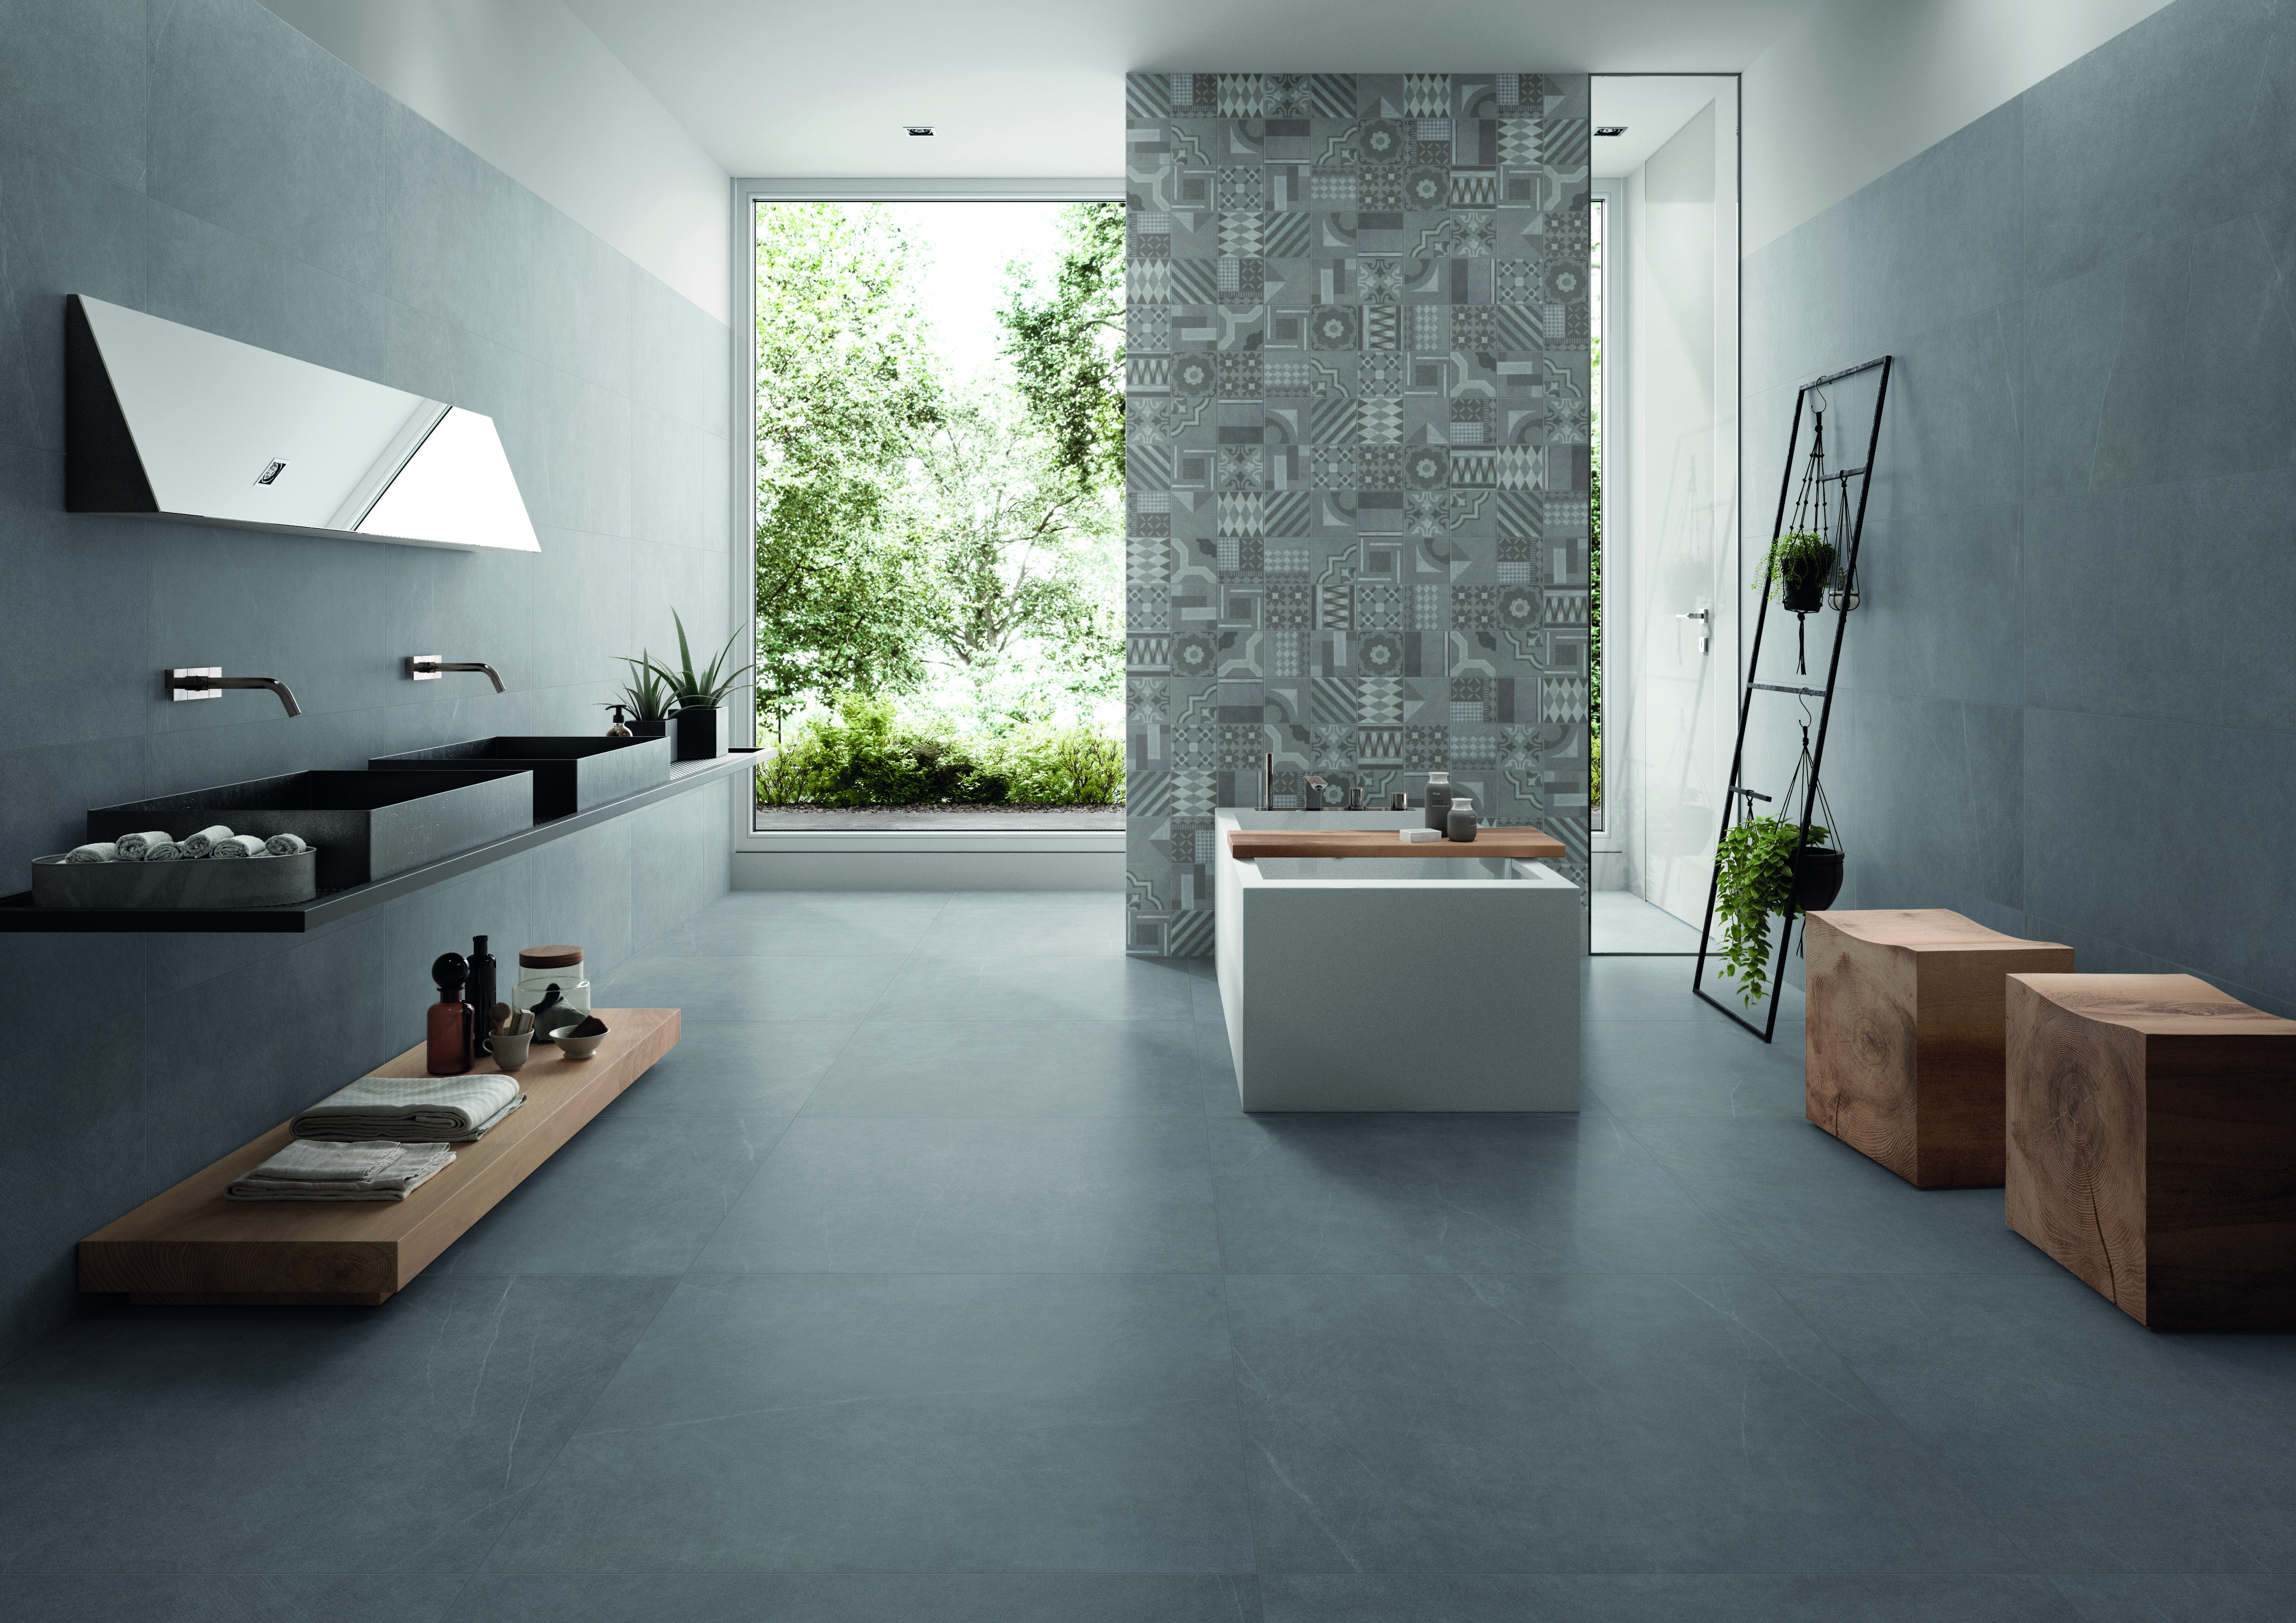 Badezimmer in steinoptik moderne fliesen - Fliesen steinoptik bad ...